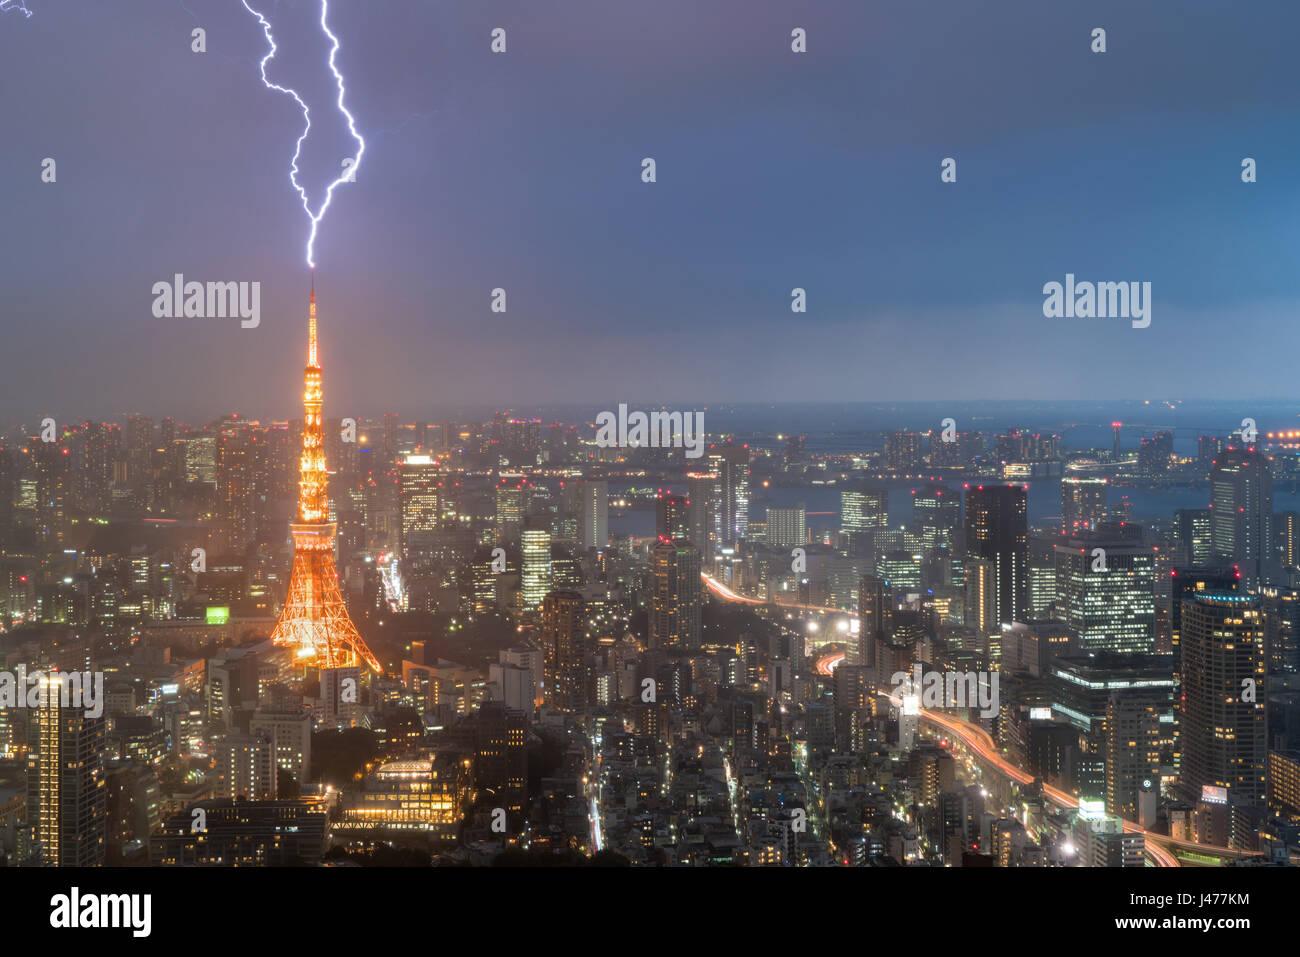 Orage sur la ville de Tokyo, Japon en nuit avec Thunderbolt sur la Tour de Tokyo. Orage à Tokyo, Japon. Photo Stock